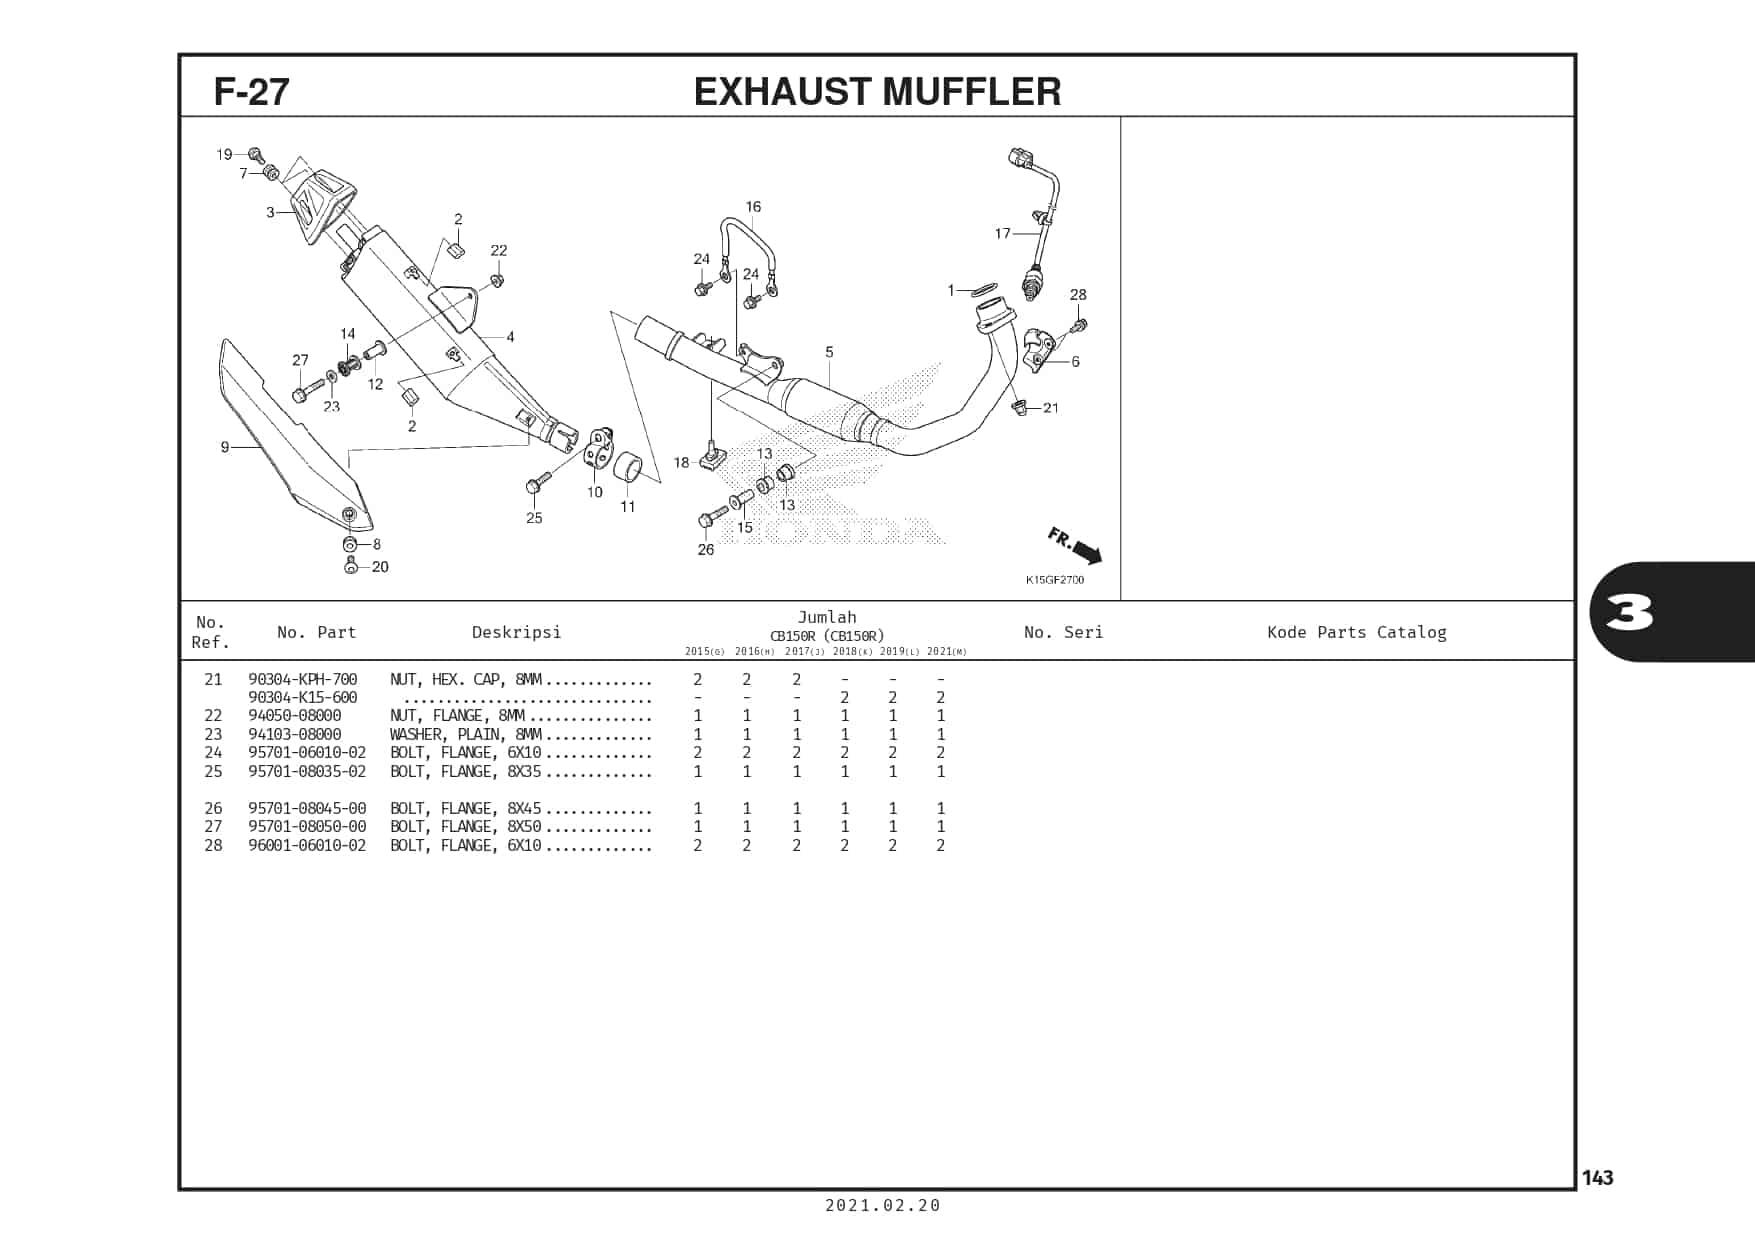 F-27 Exhaust Muffler